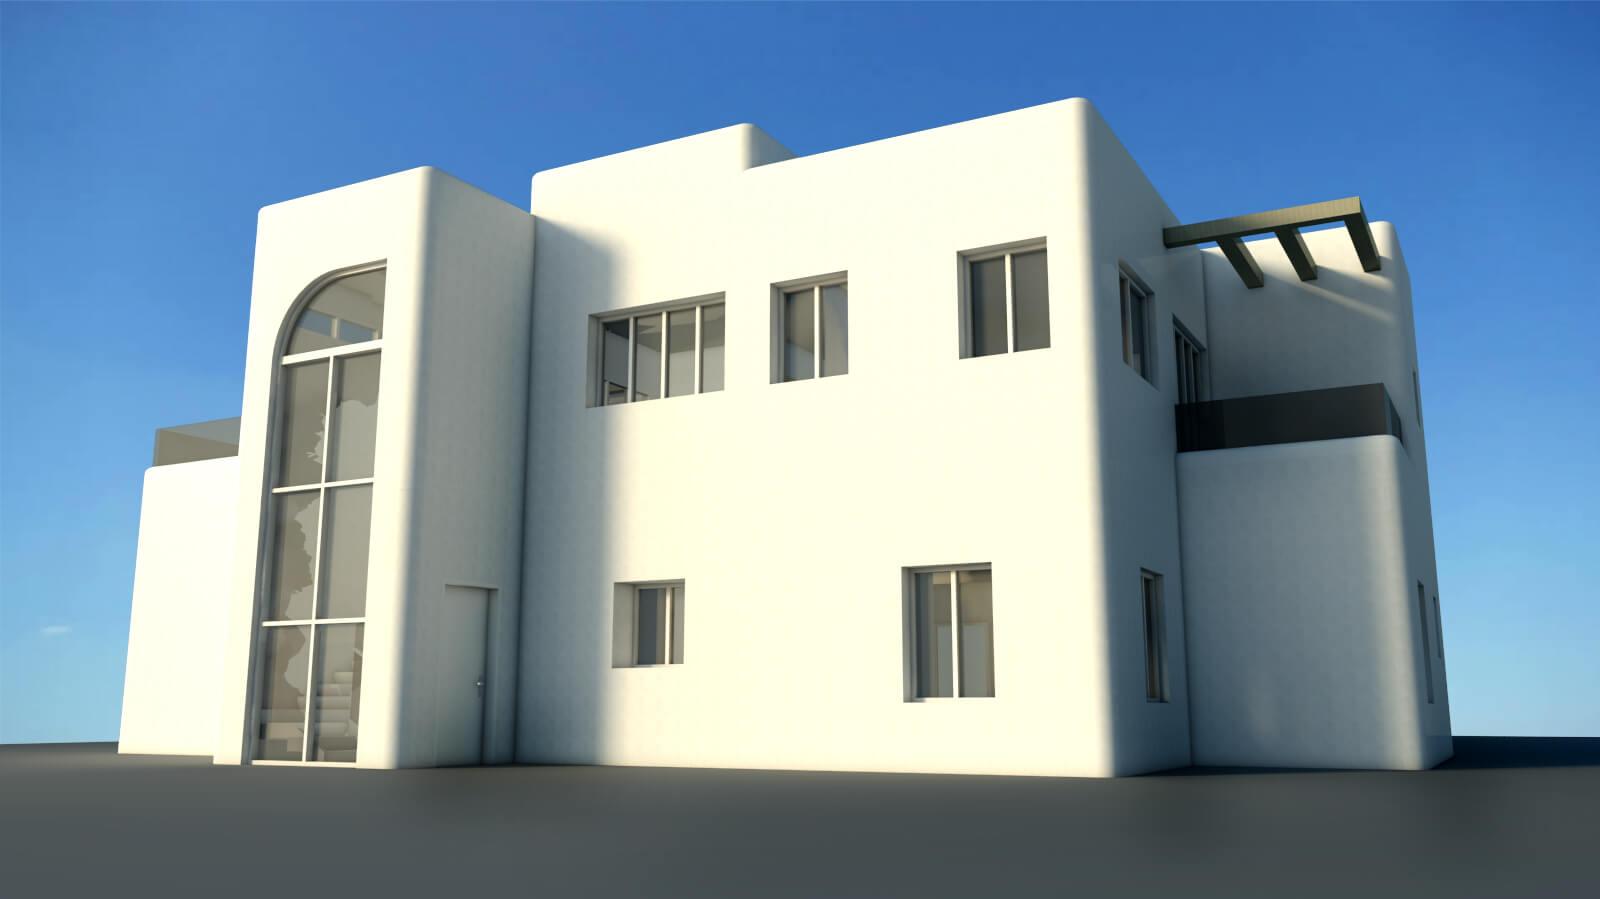 תוספת בניה לבית קיים מבט נוסף